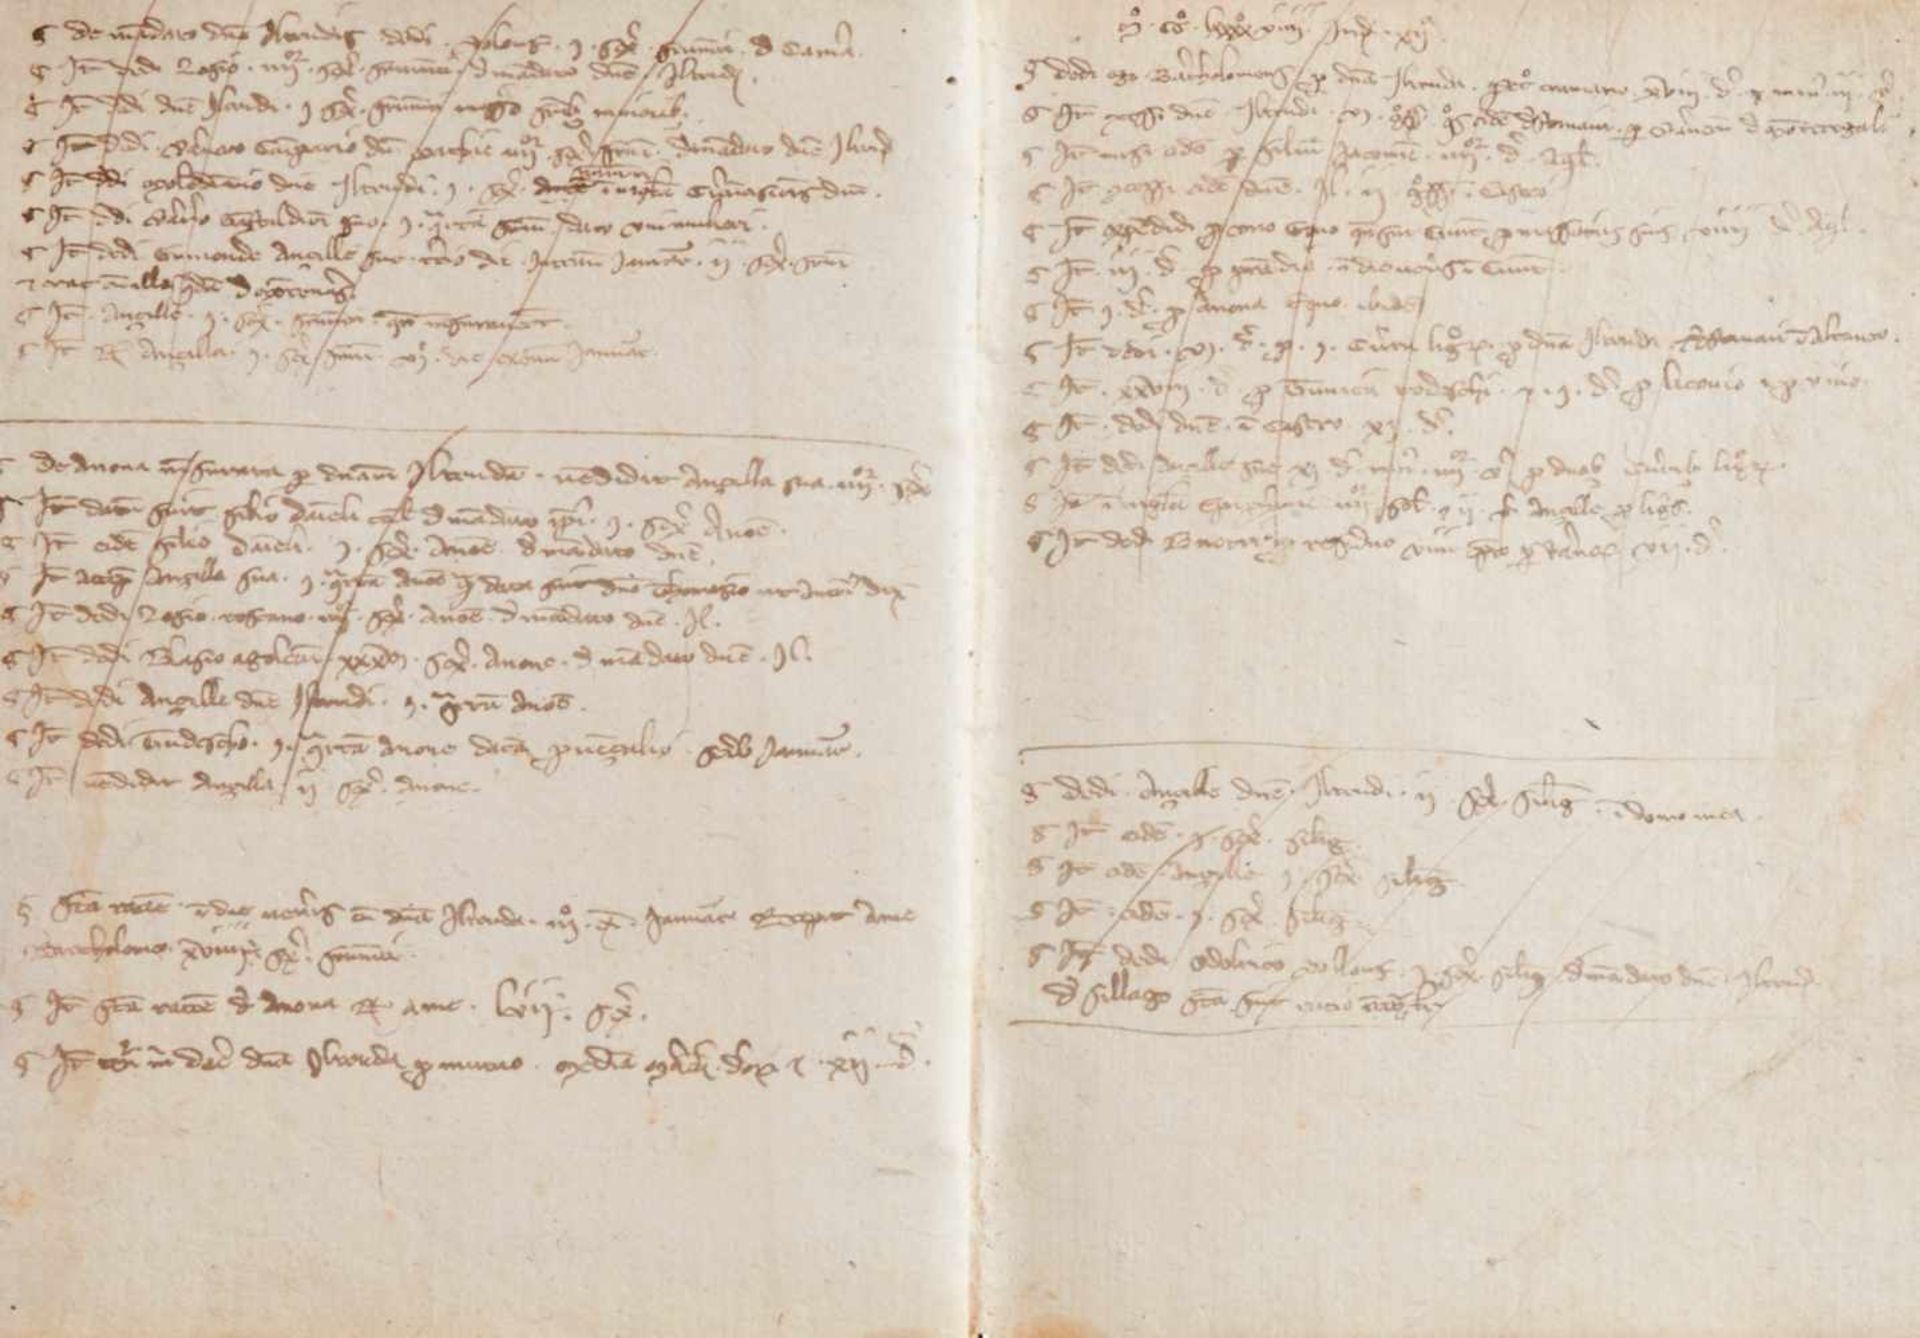 Gemona- Imbreviaturbuch des Notars Bartolomeo. Lateinische Handschrift auf Papier.Dat. Gemona ( - Bild 2 aus 9